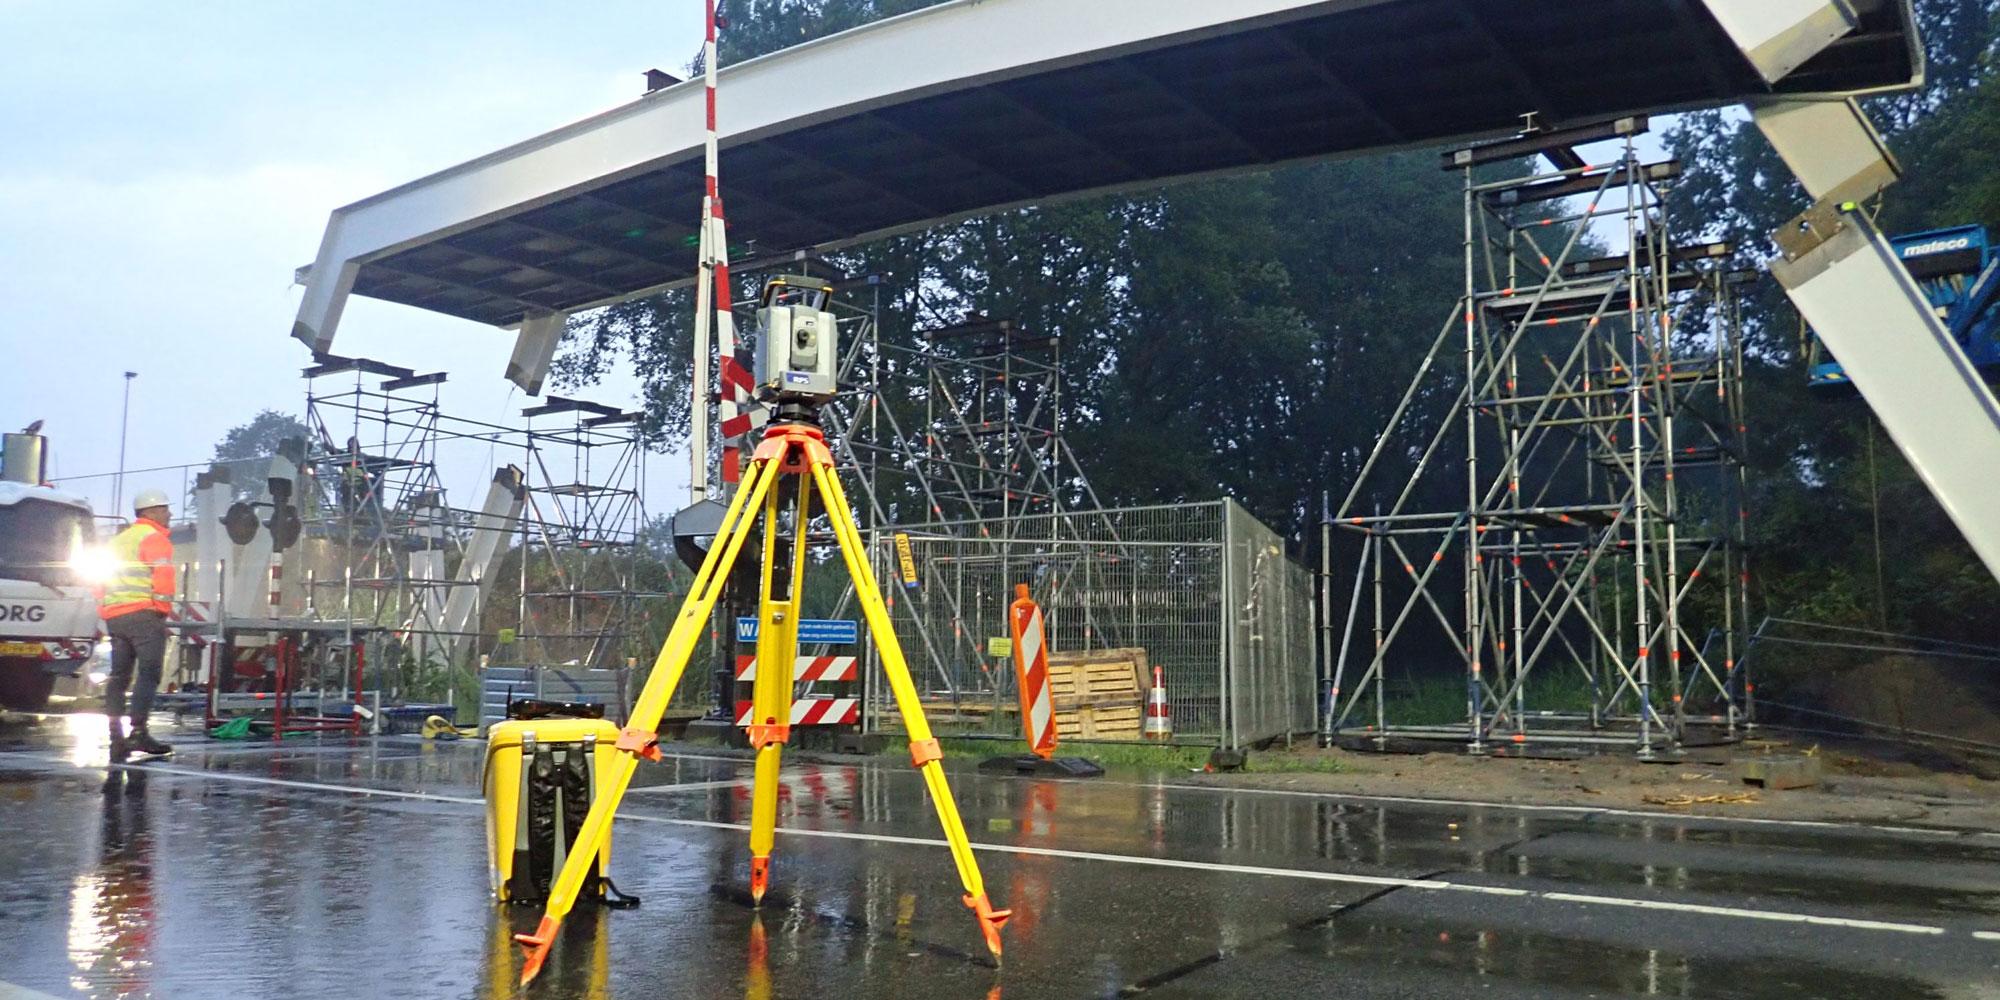 Millimeterwerk: fietsbrug over Euroregioweg in Enschede hangt